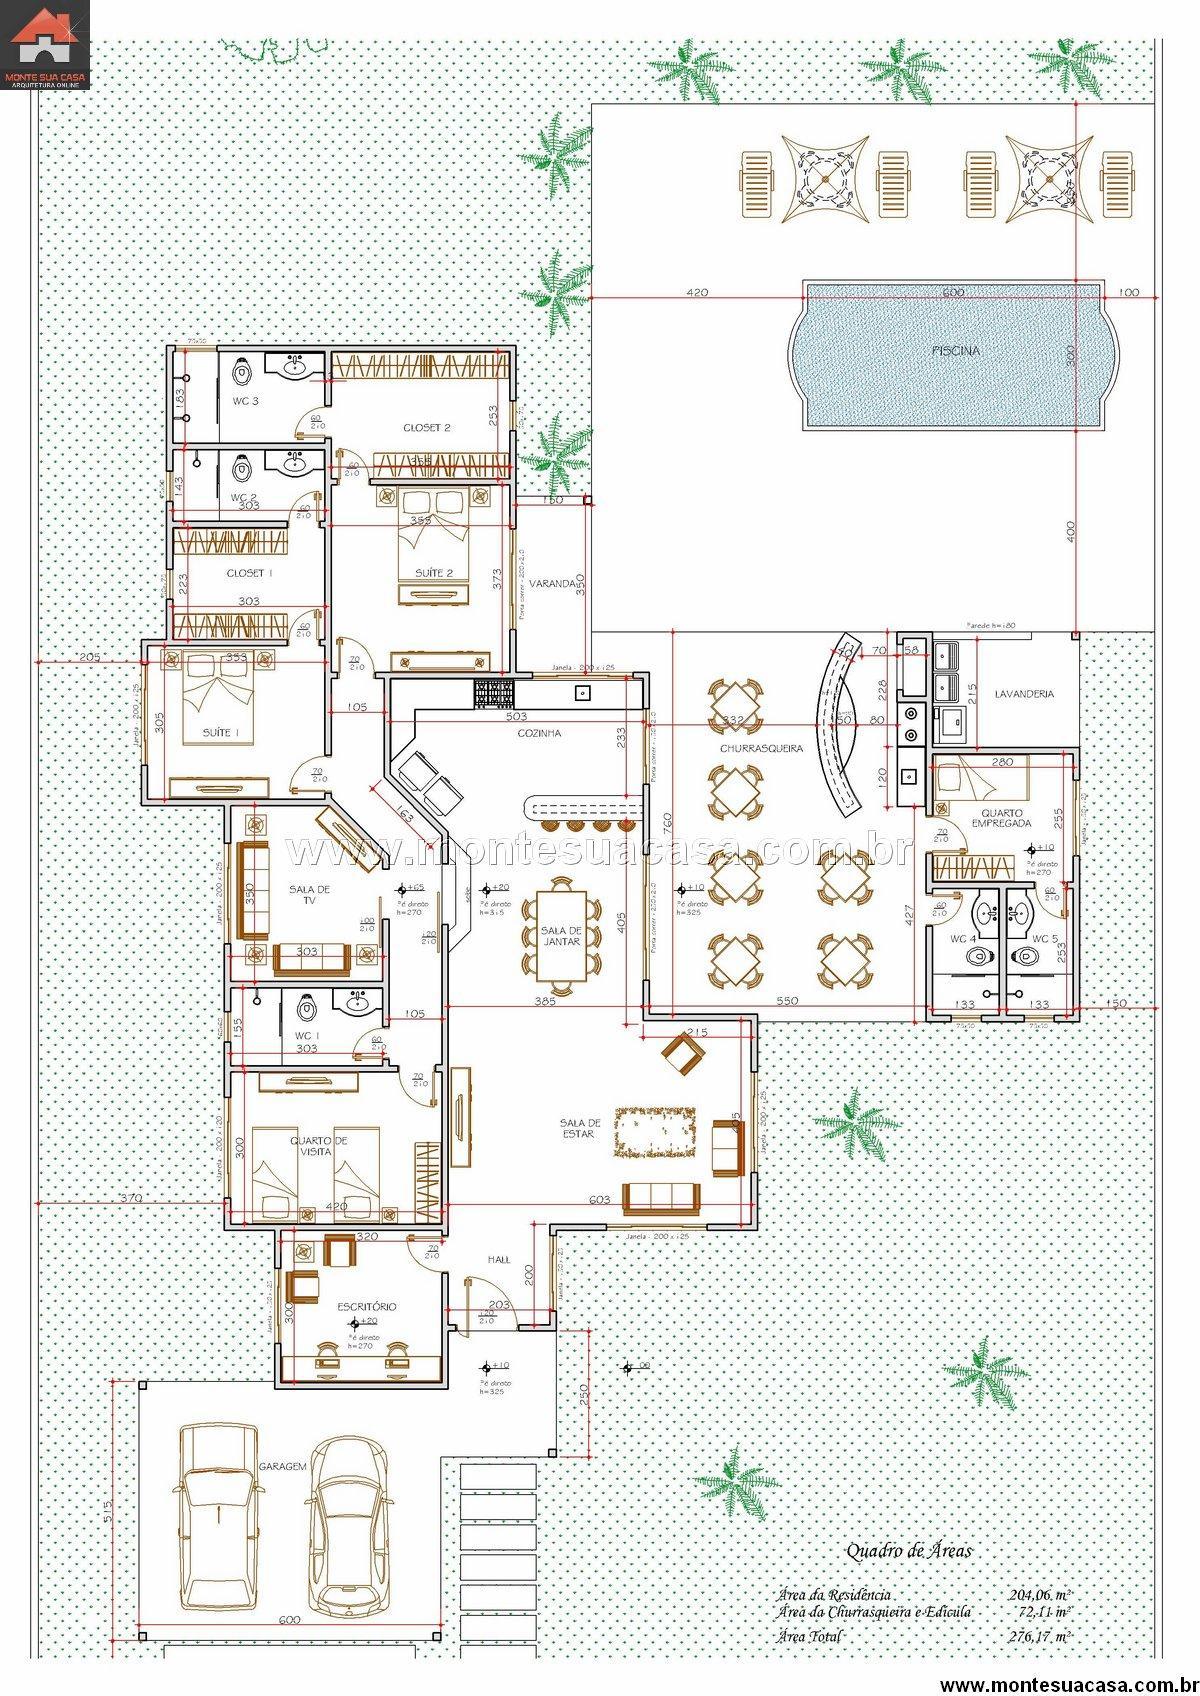 Casa 1 Quartos - 276.17m²